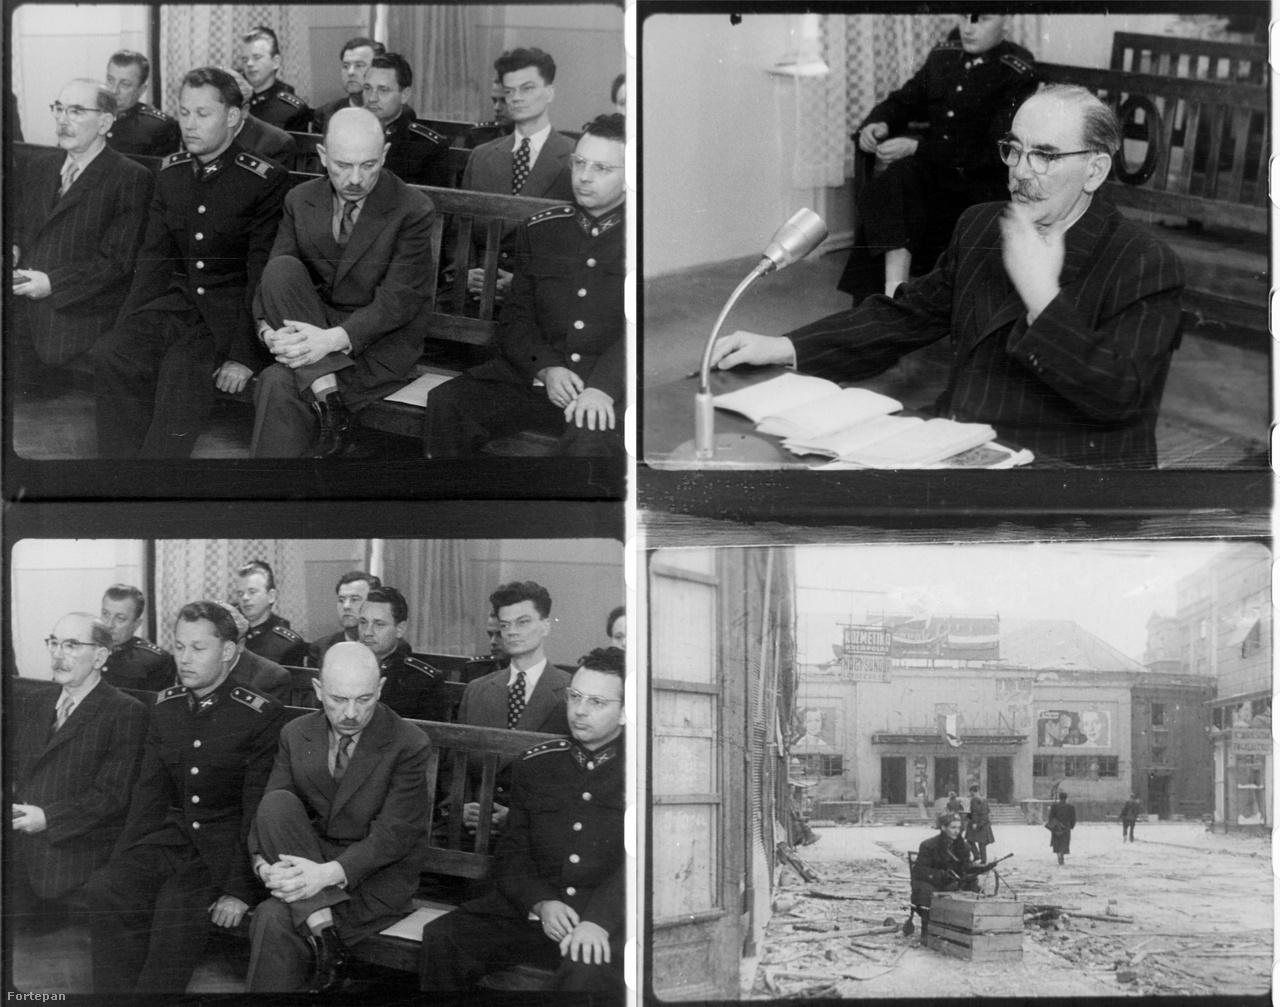 """Bírósági felvételek és egy Korvin közi vágás a propagandafilmből. A film elkészítésének ötlete a Belügyből jöhetett, értelmi szerzője Rajnai Sándor volt, filmes munkatársa pedig az a Kolonits Ilona, aki """"Így történt"""" címen csinált olyan, a kádári megtorlást megideologizáló filmet '56-ról, amit be is mutattak (és ő készítette azt a kisfilmet is a bécsi VIT-ről, melynek felvételeit a múltkor láthatták nálunk a Fortepan-válogatásunkban). Több tárgyalási napon is forgattak, de egy-egy napon csupán néhány órát. Elsősorban Nagy Imre kihallgatását és szembesítéseit örökítették meg."""